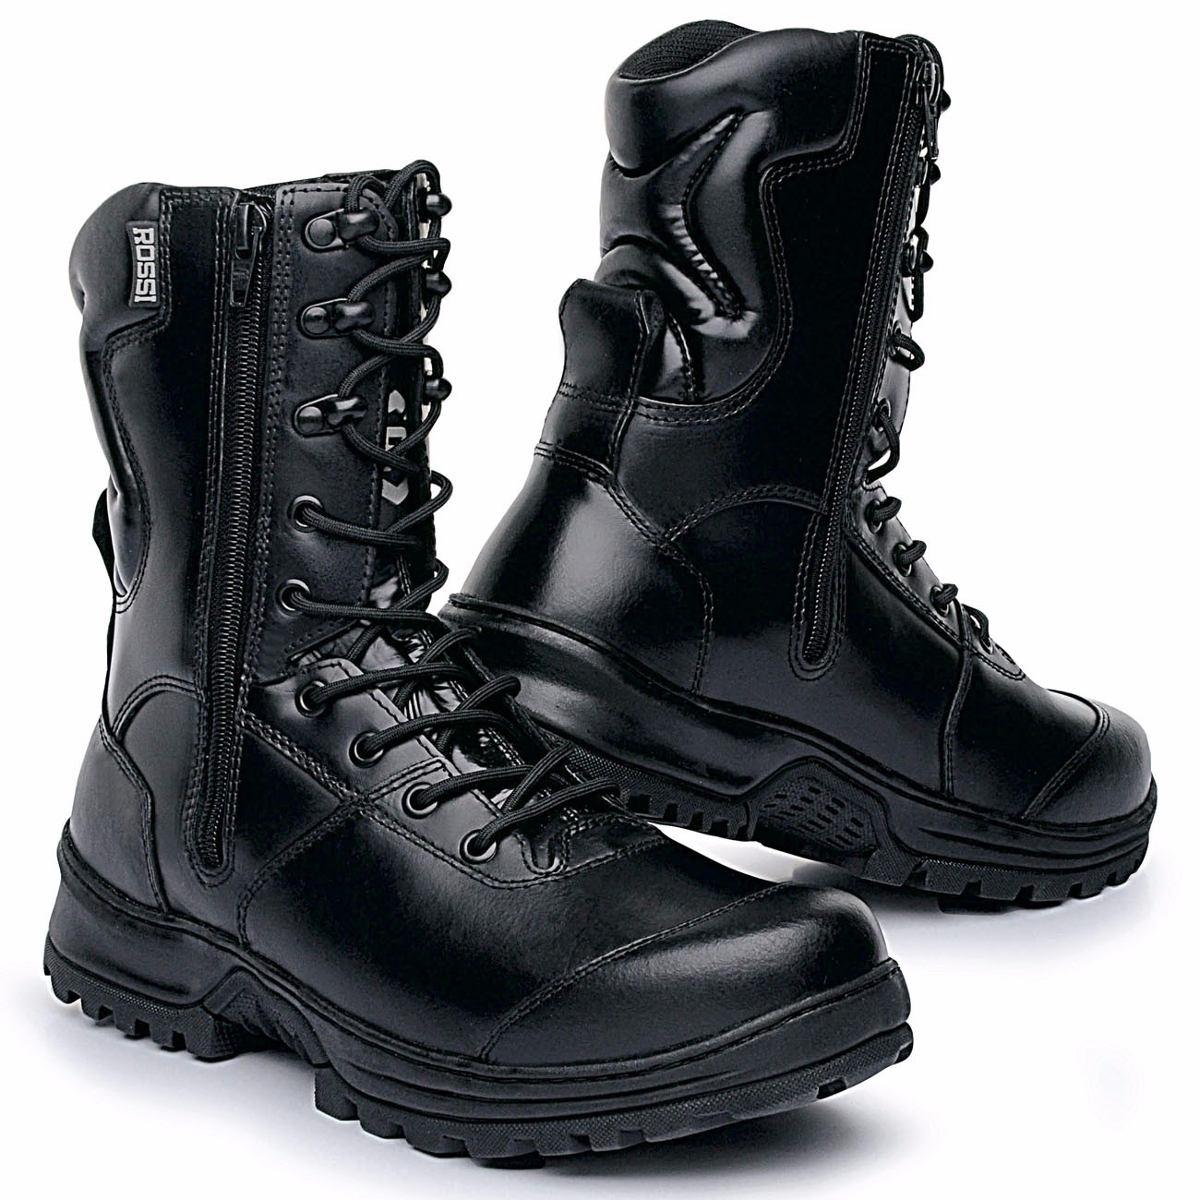 bc72ad3017 coturno bota militar ziper tatico preto padrão polícia couro. Carregando  zoom.